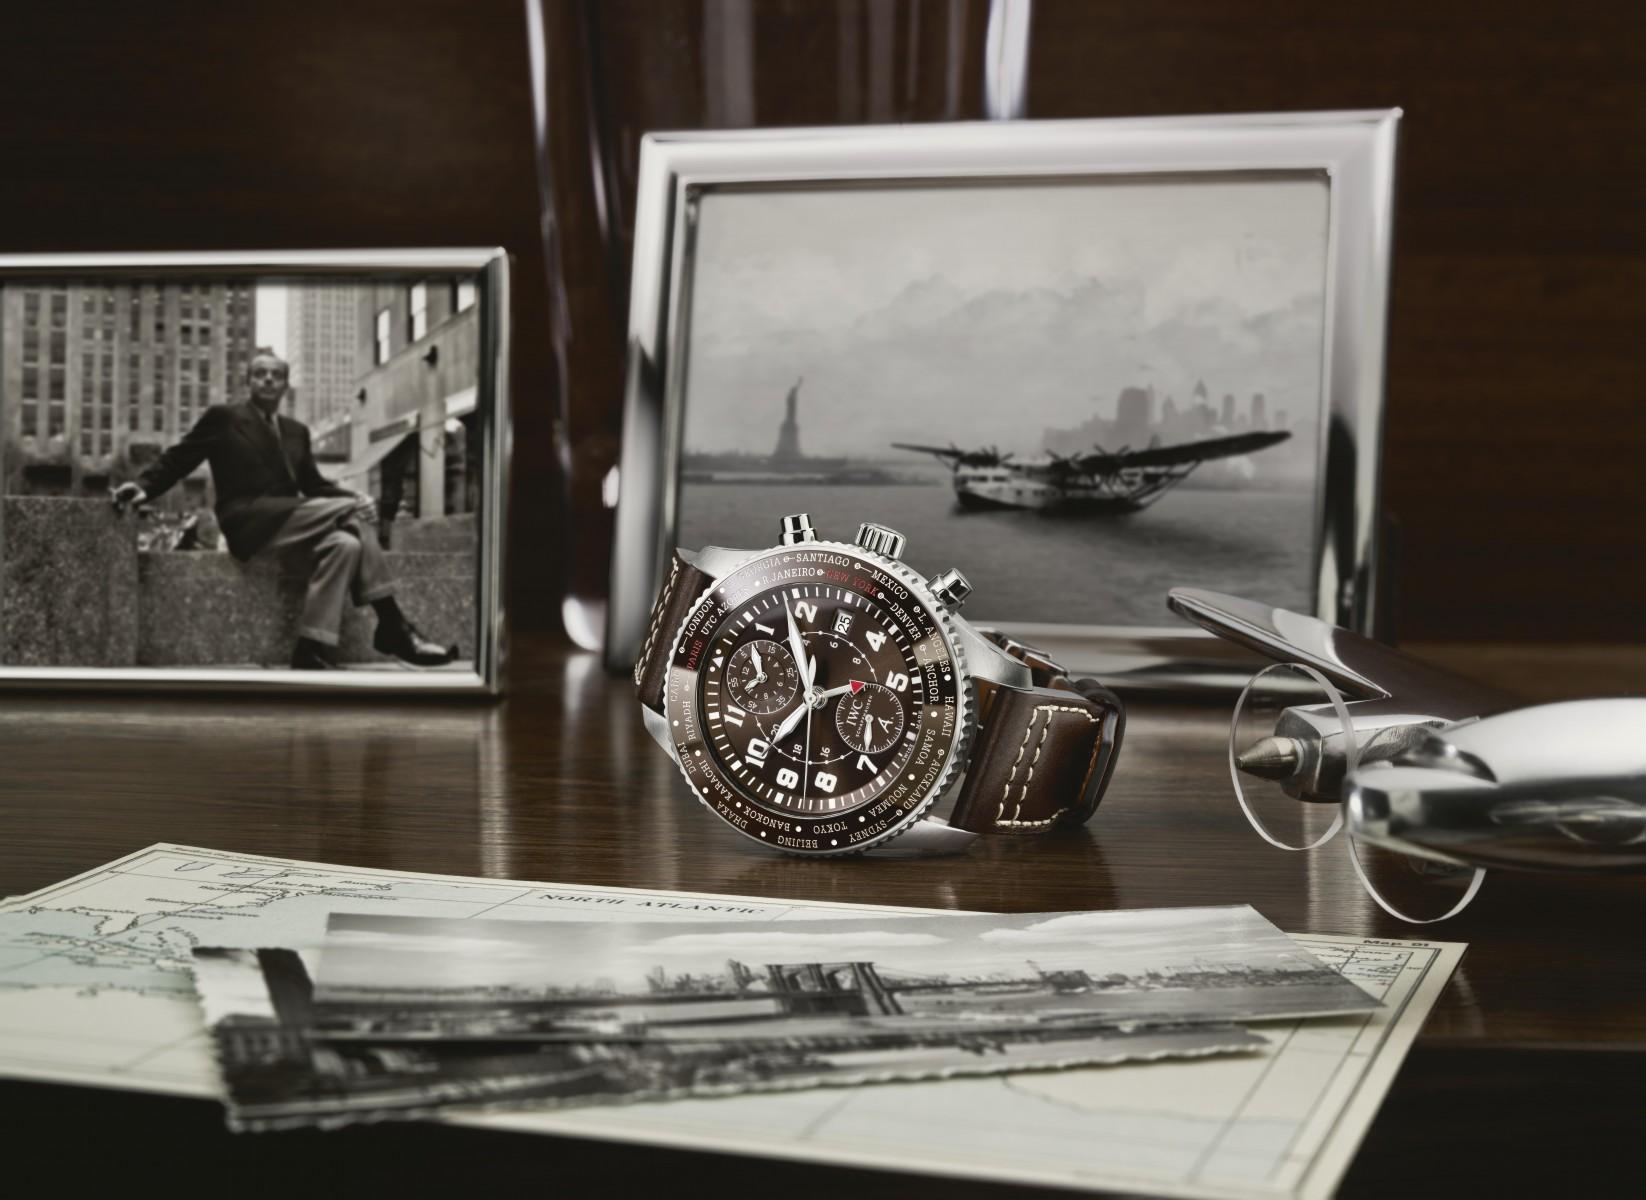 IWCの時計「パイロットウォッチ・ワールドタイマー」